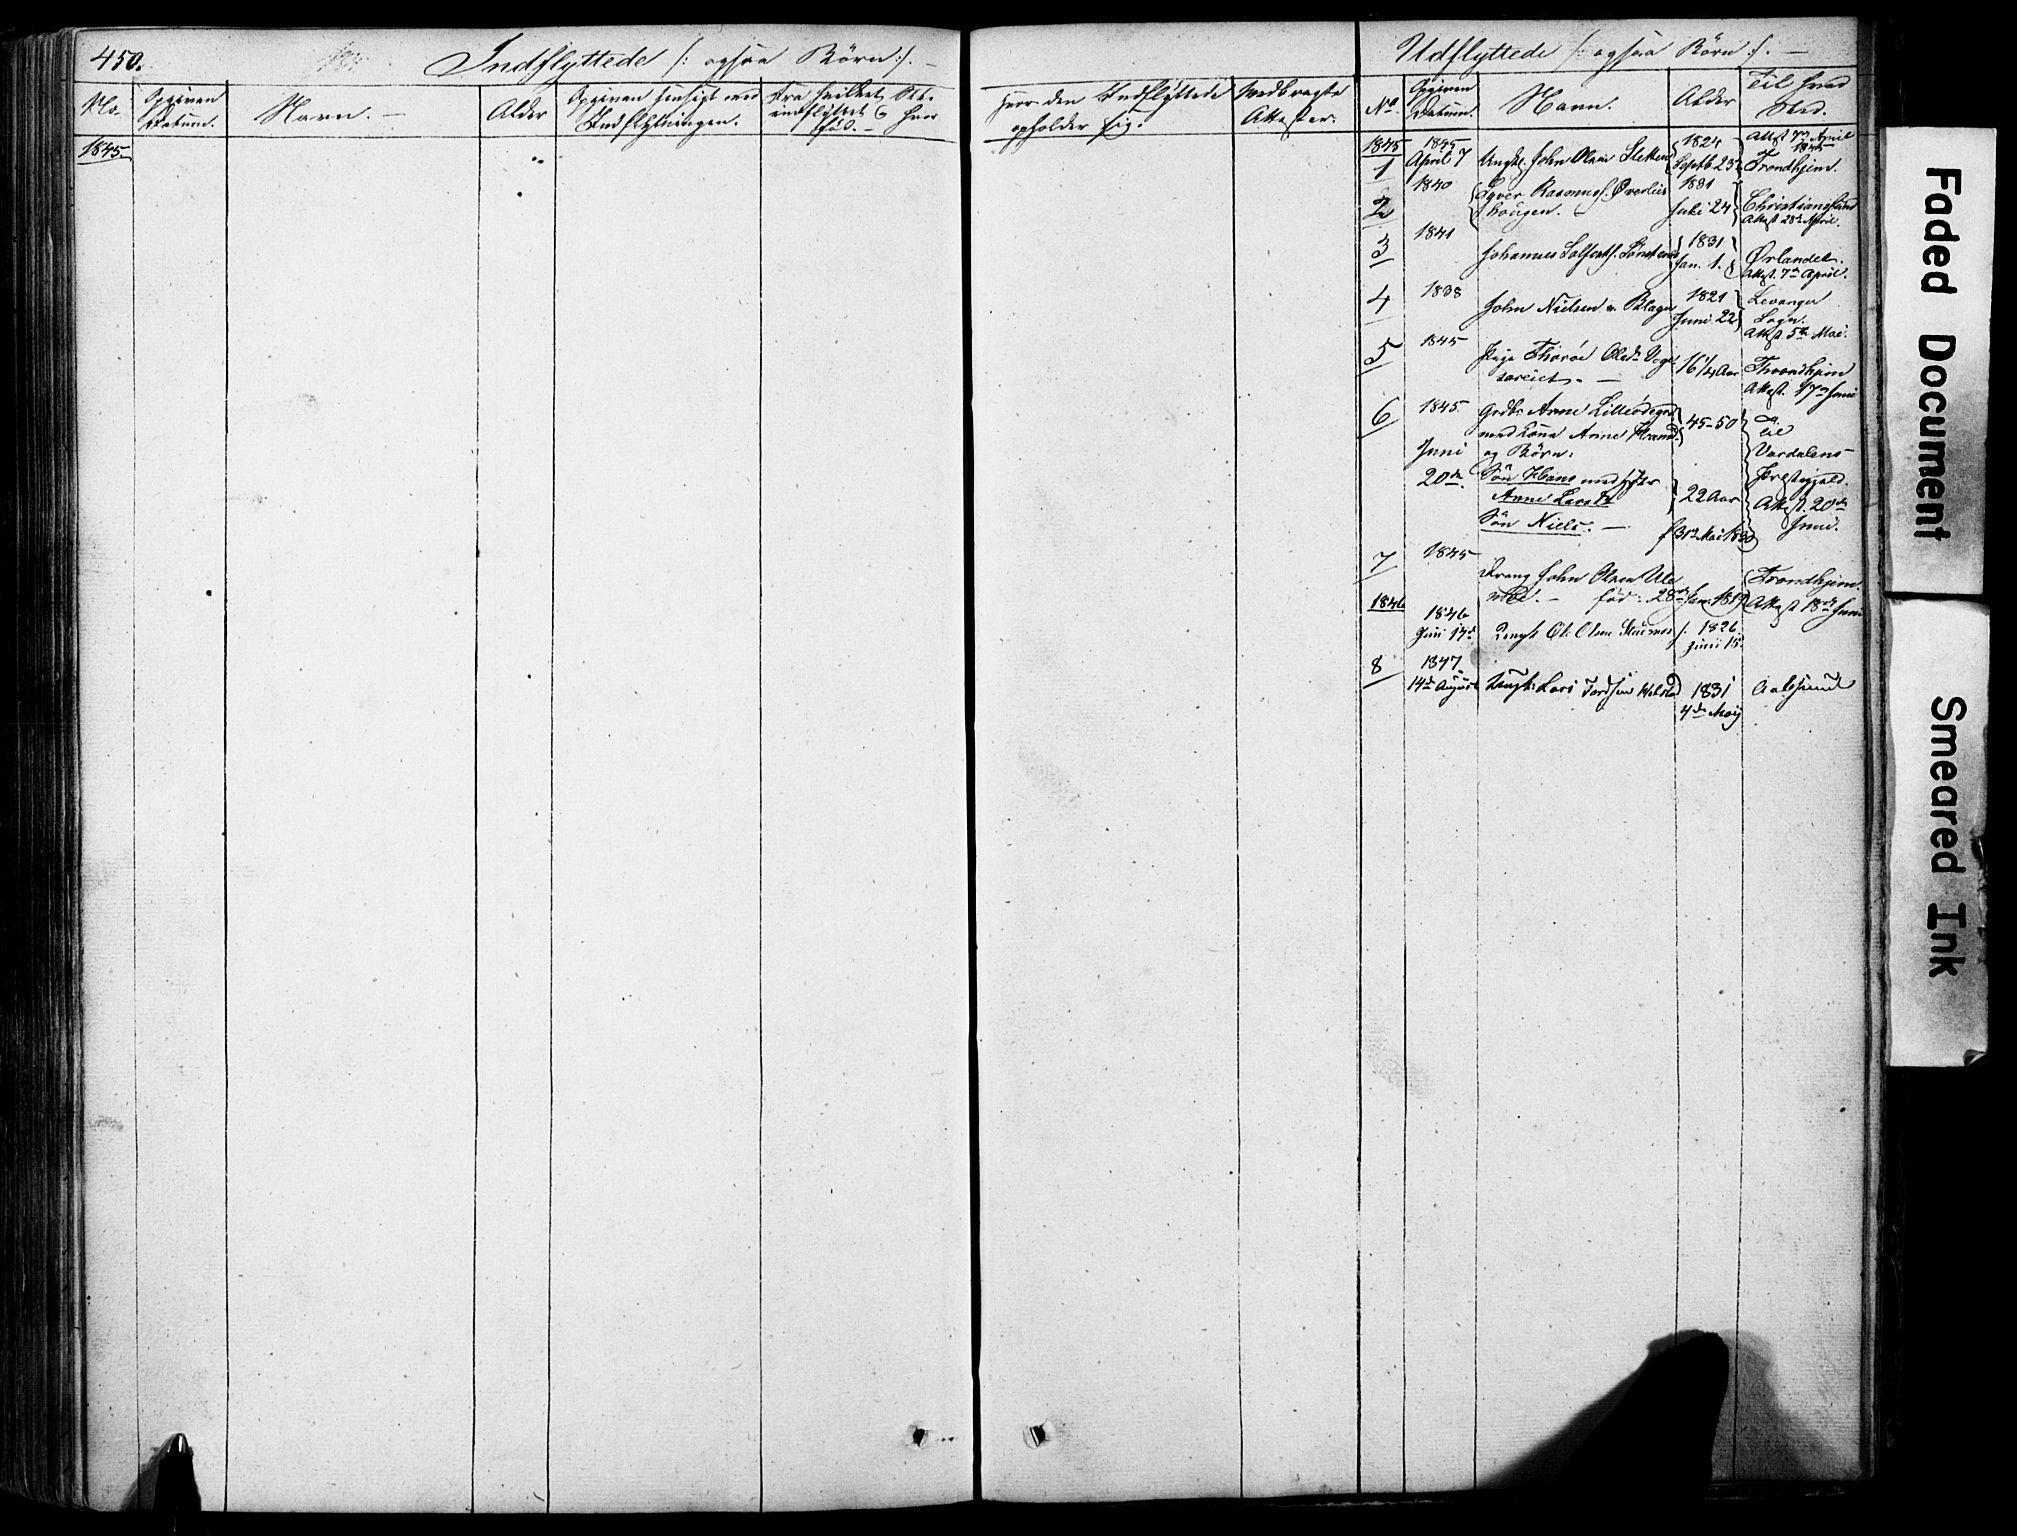 SAH, Lom prestekontor, L/L0012: Klokkerbok nr. 12, 1845-1873, s. 450-451